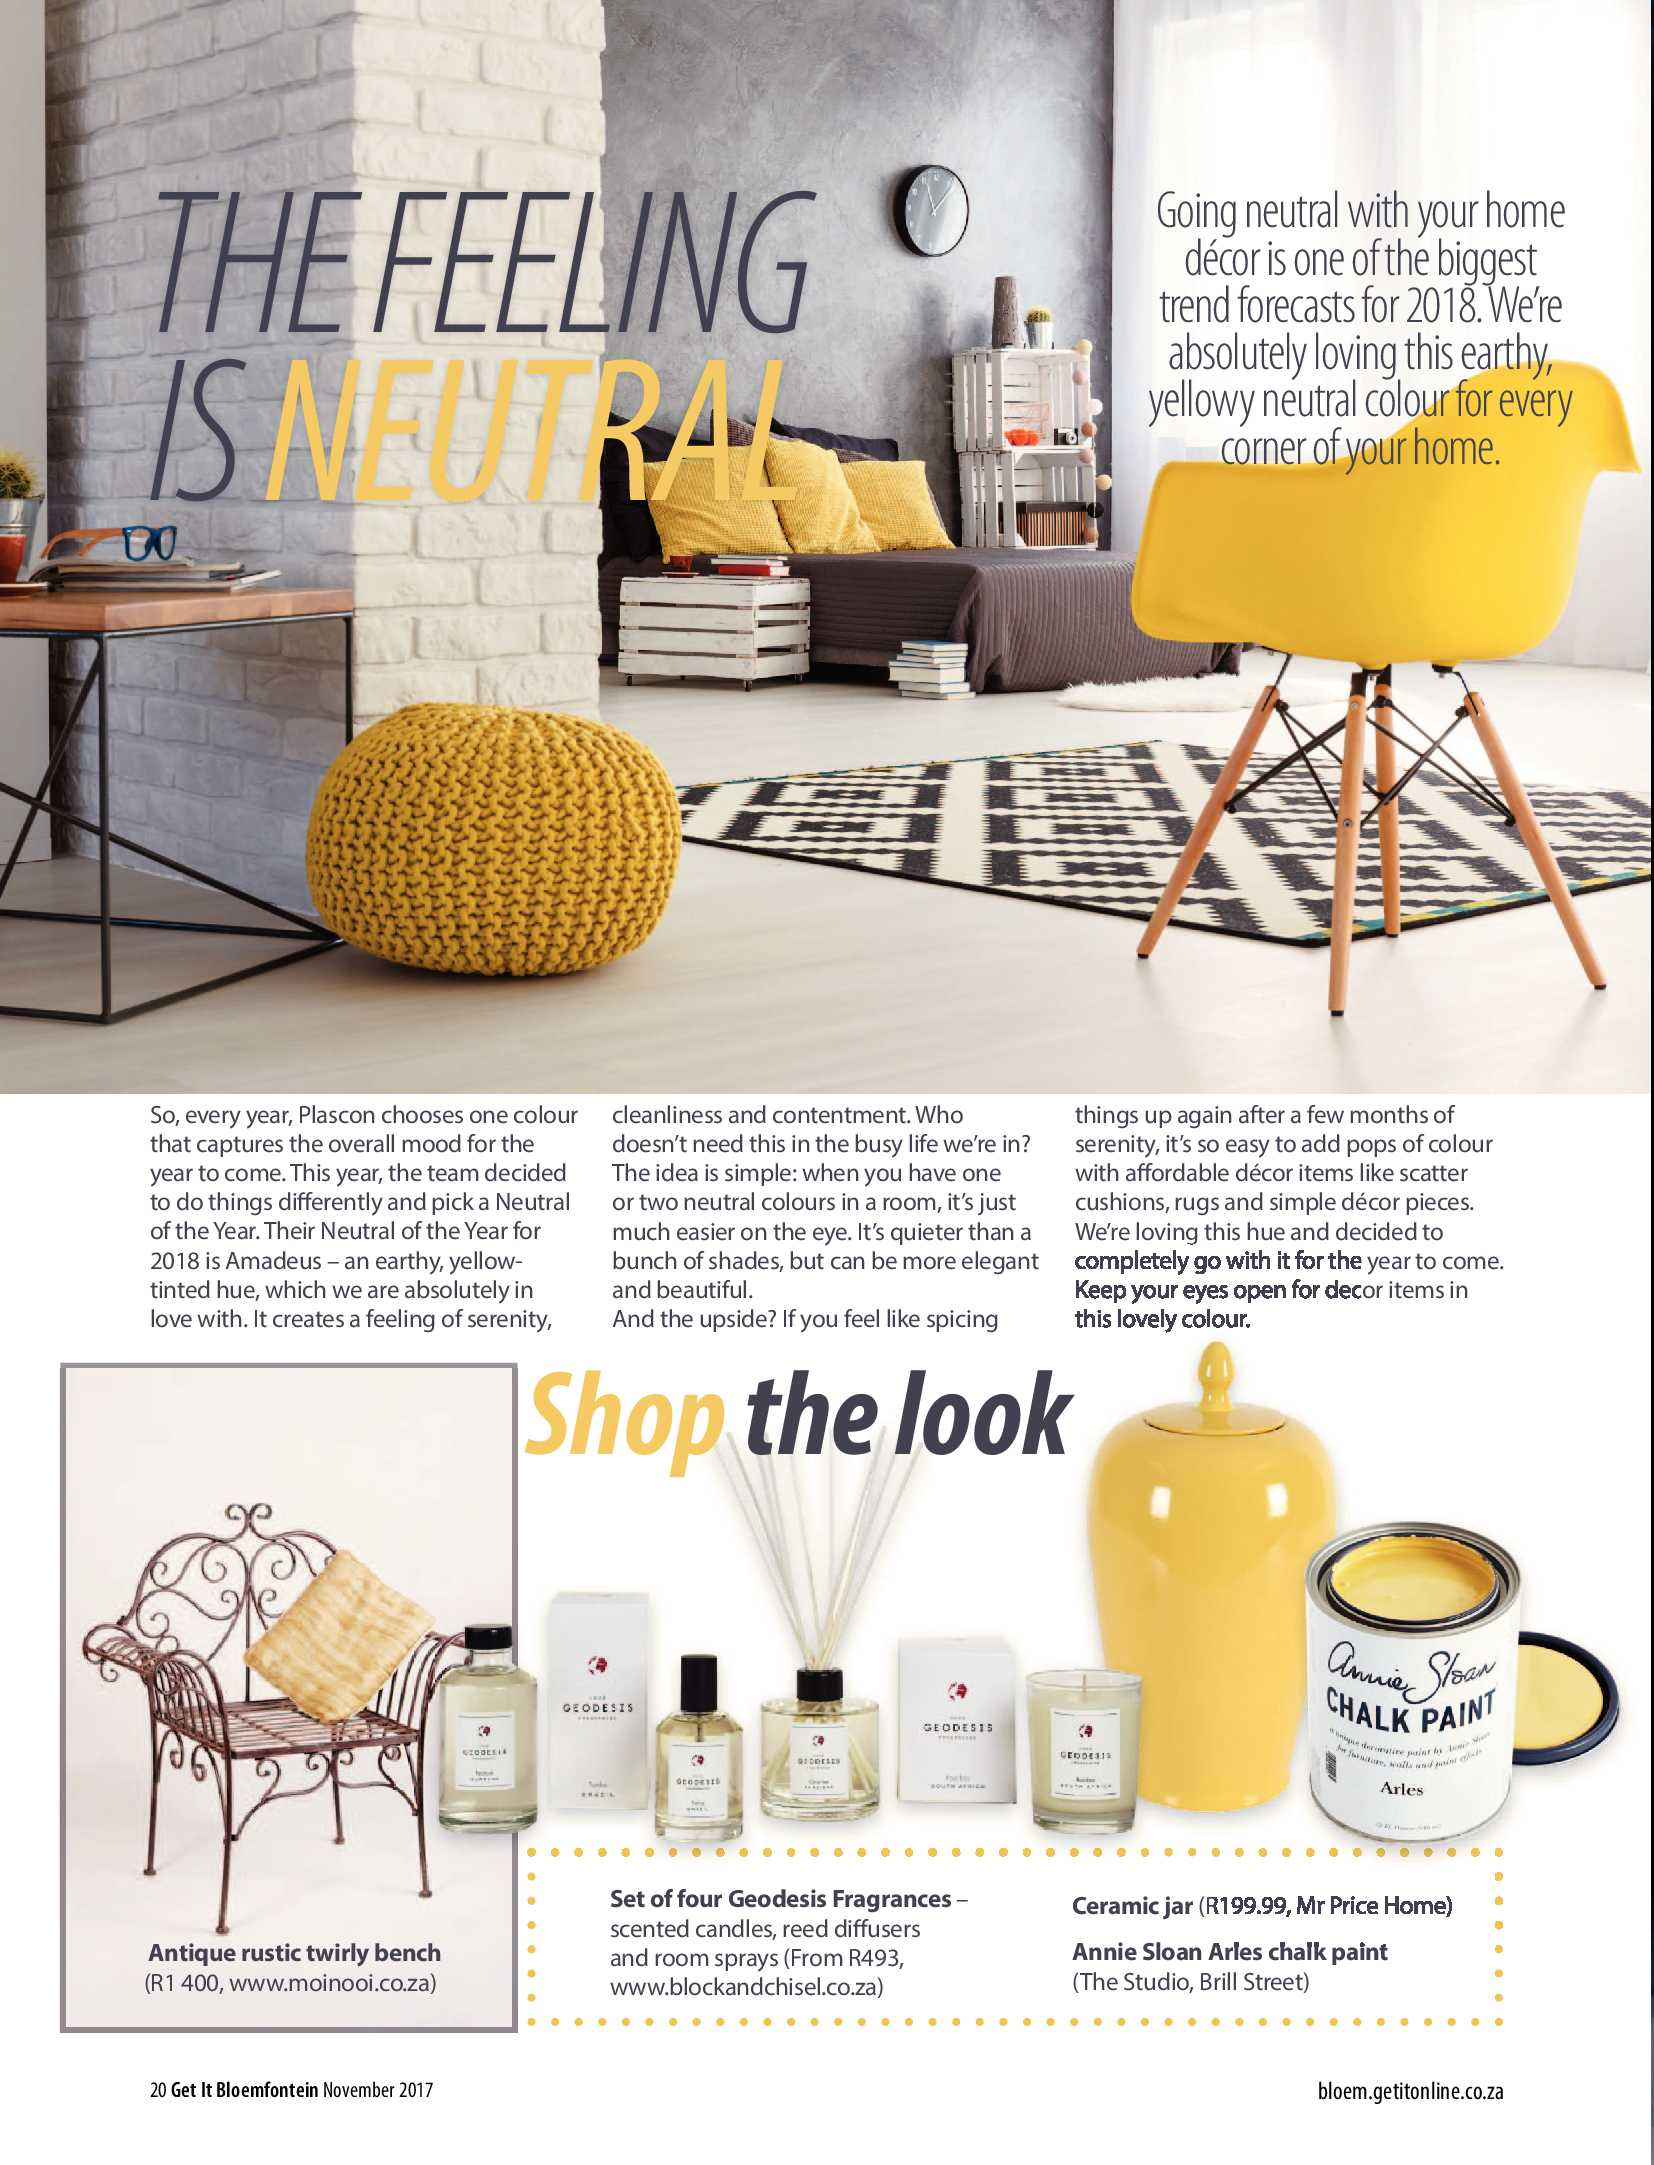 get-bloemfontein-november-2017-epapers-page-22